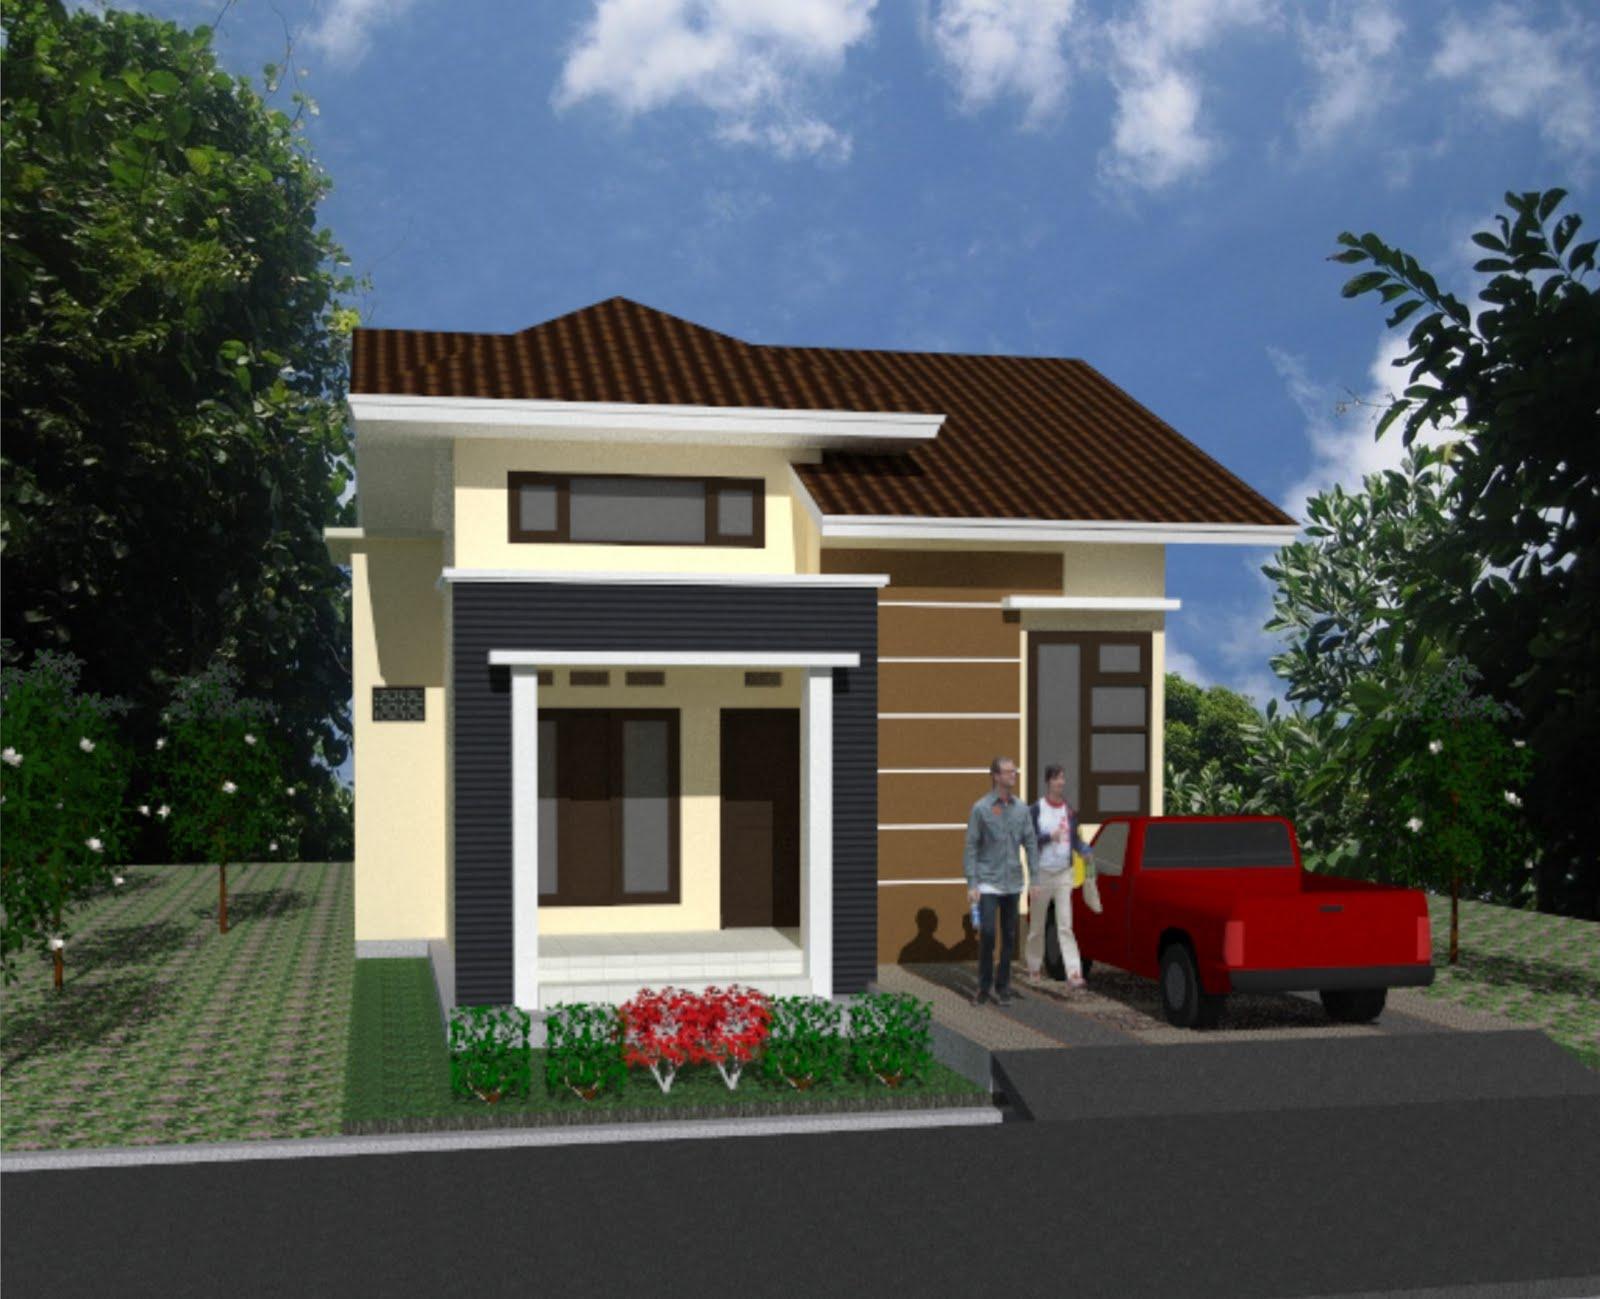 Contoh Gambar Rumah Minimalis Type 21 Yang Nyaman Dan Layak Untuk